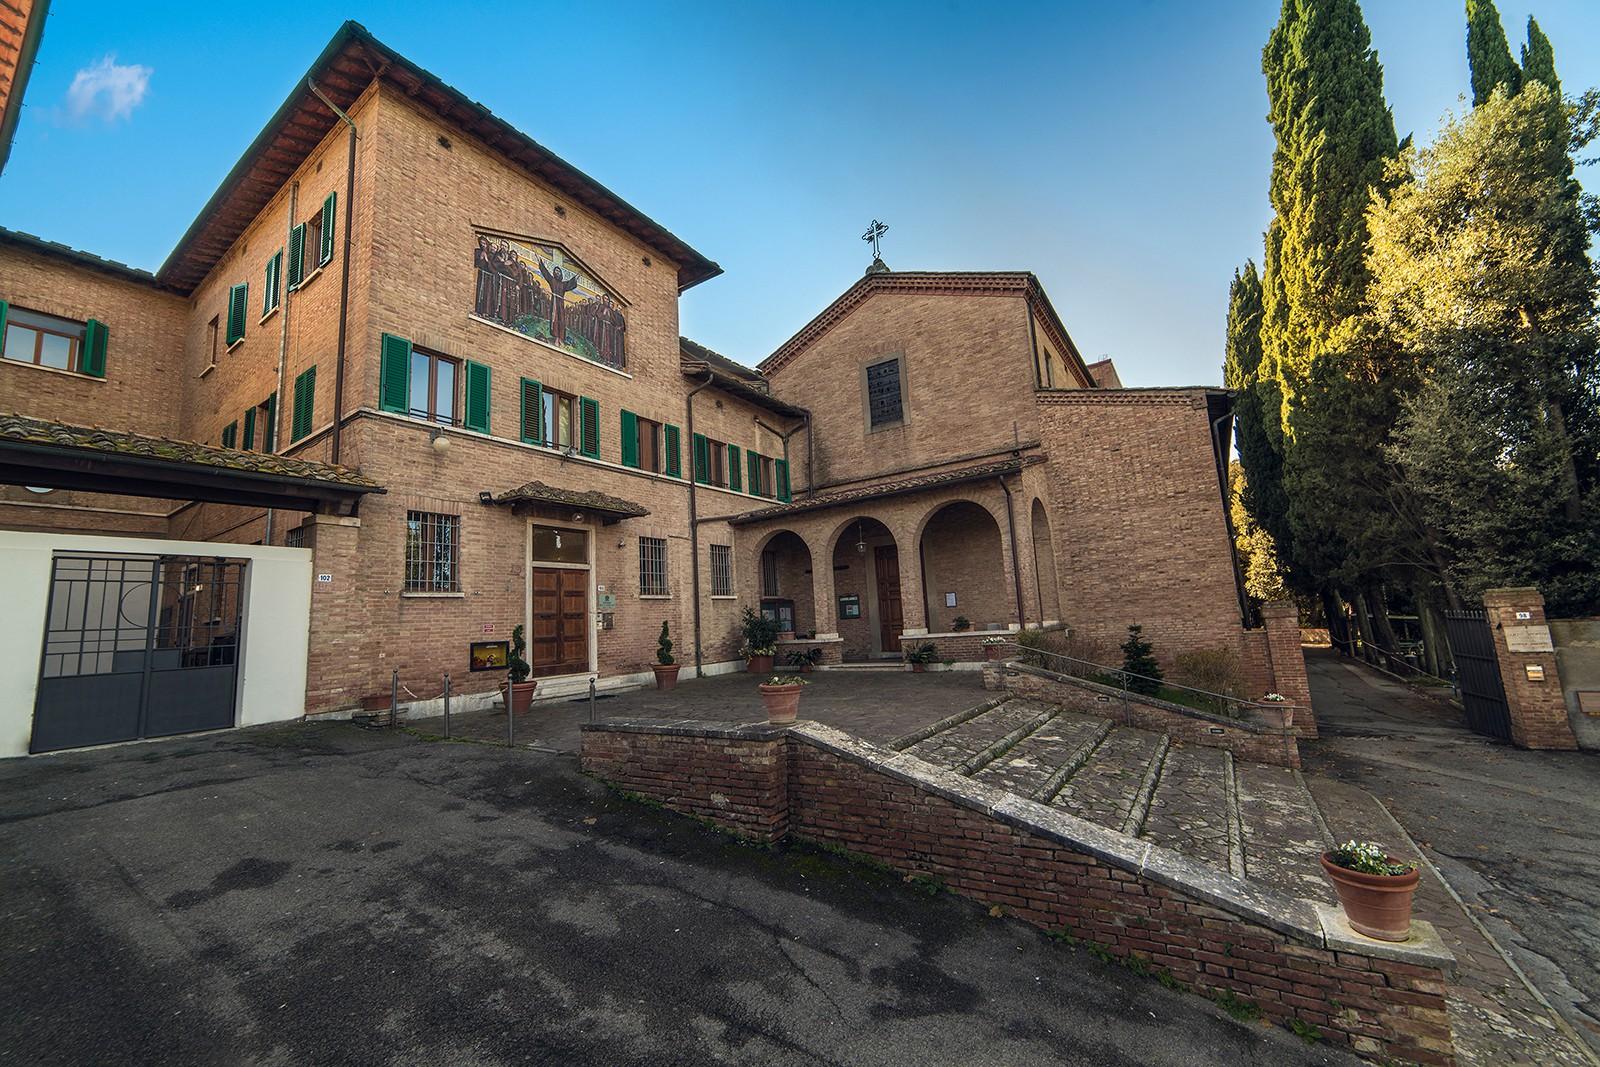 Quisisana Siena